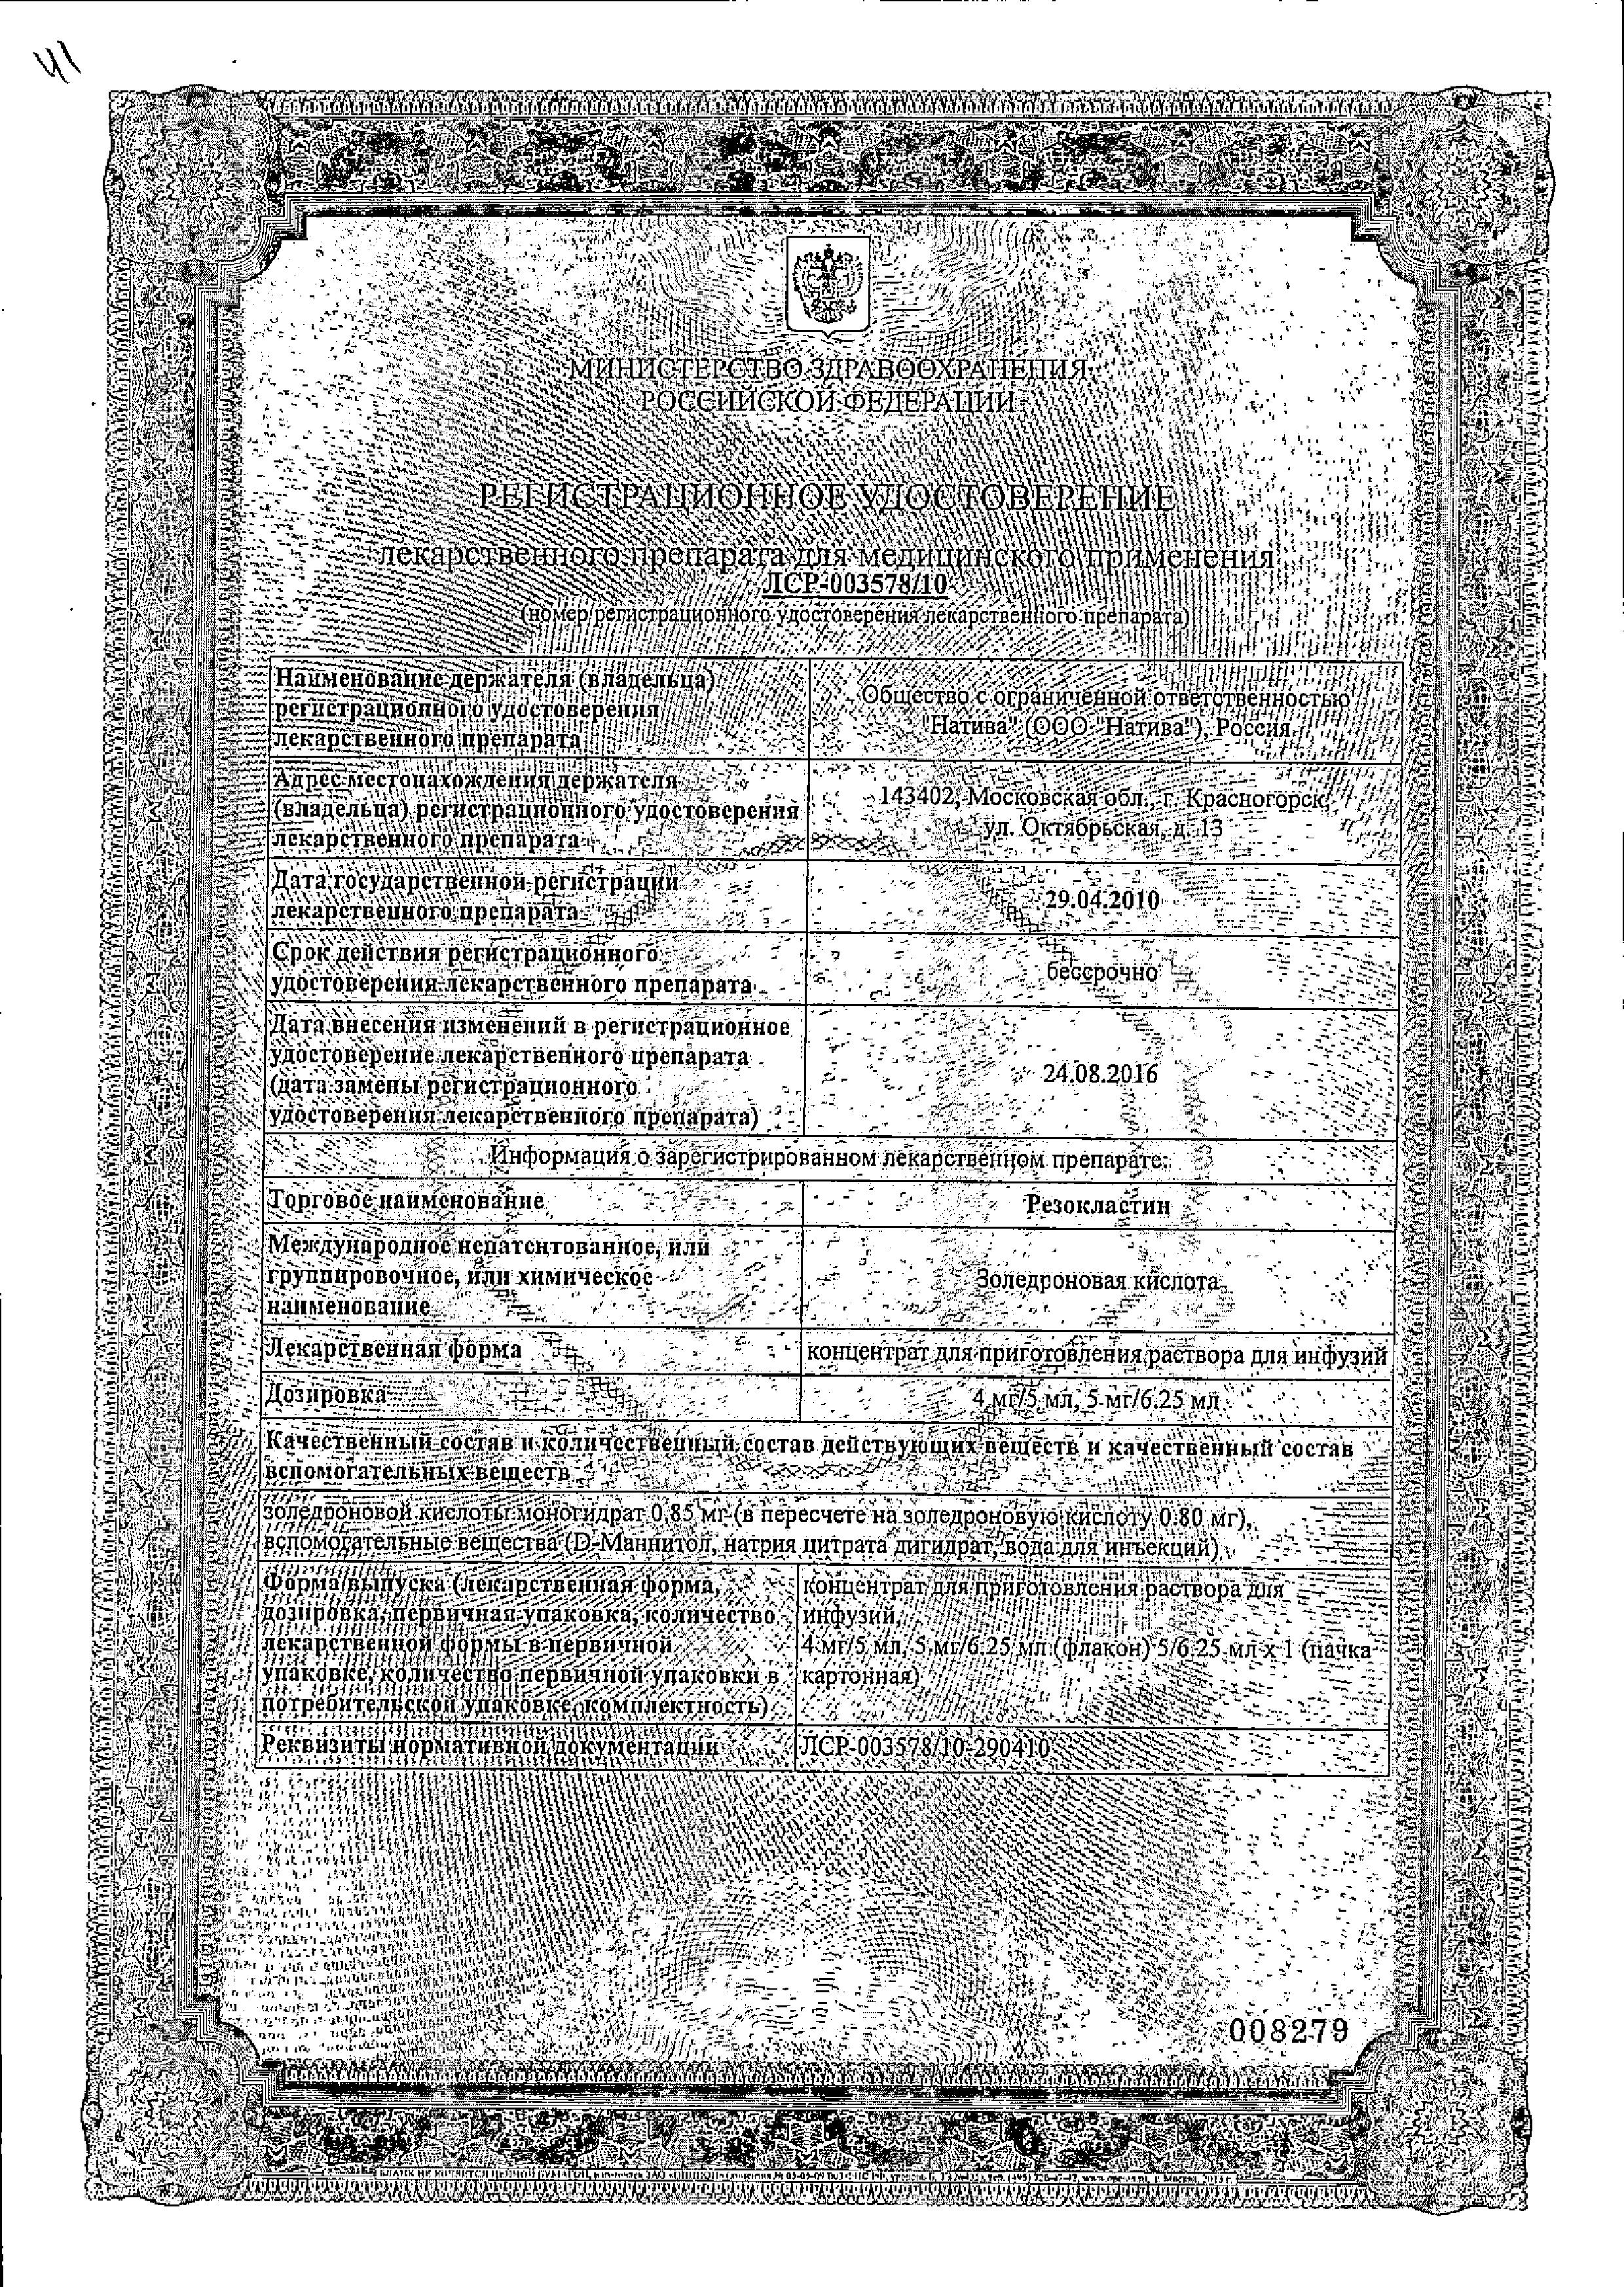 Резокластин сертификат